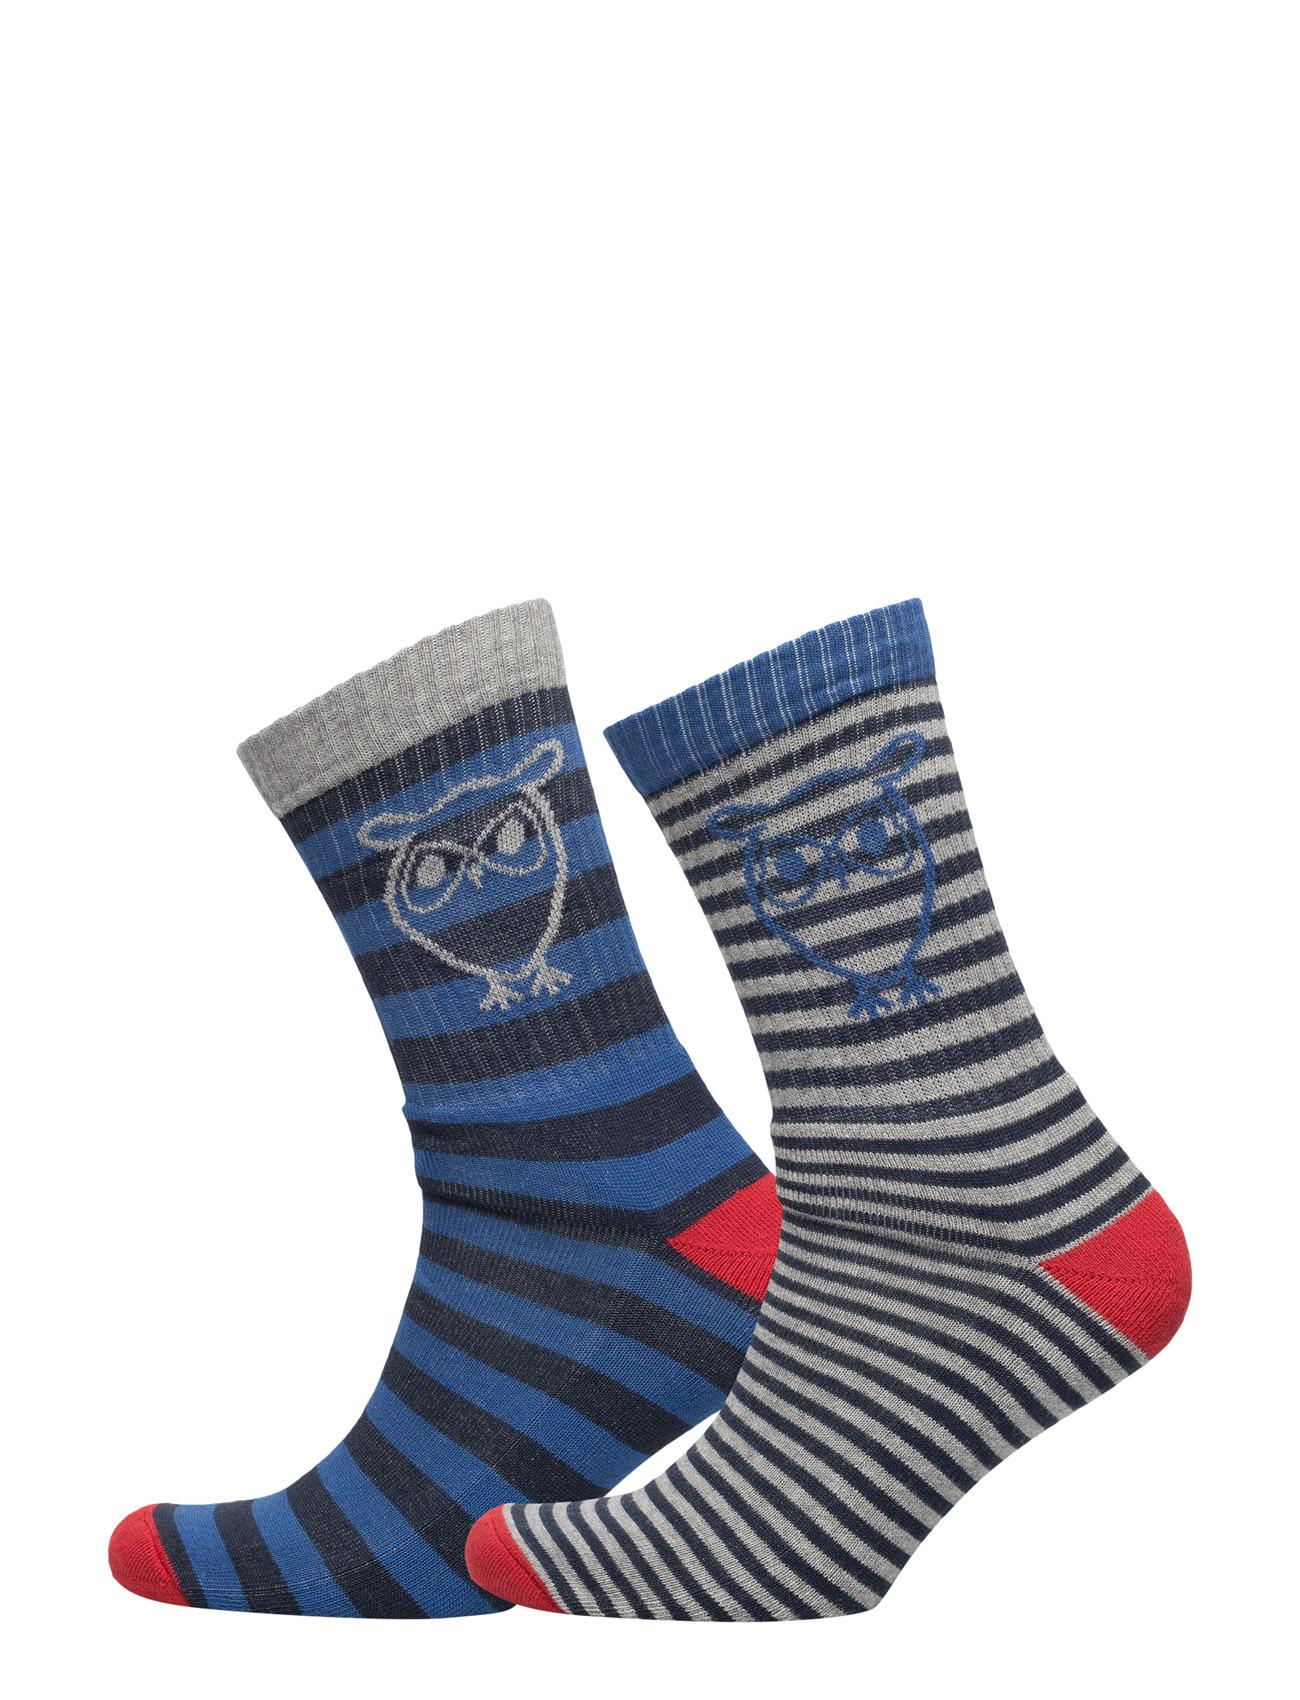 Tennis Socks 2pack Knowledge Cotton Apparel Sokker til Herrer i Total Eclipse